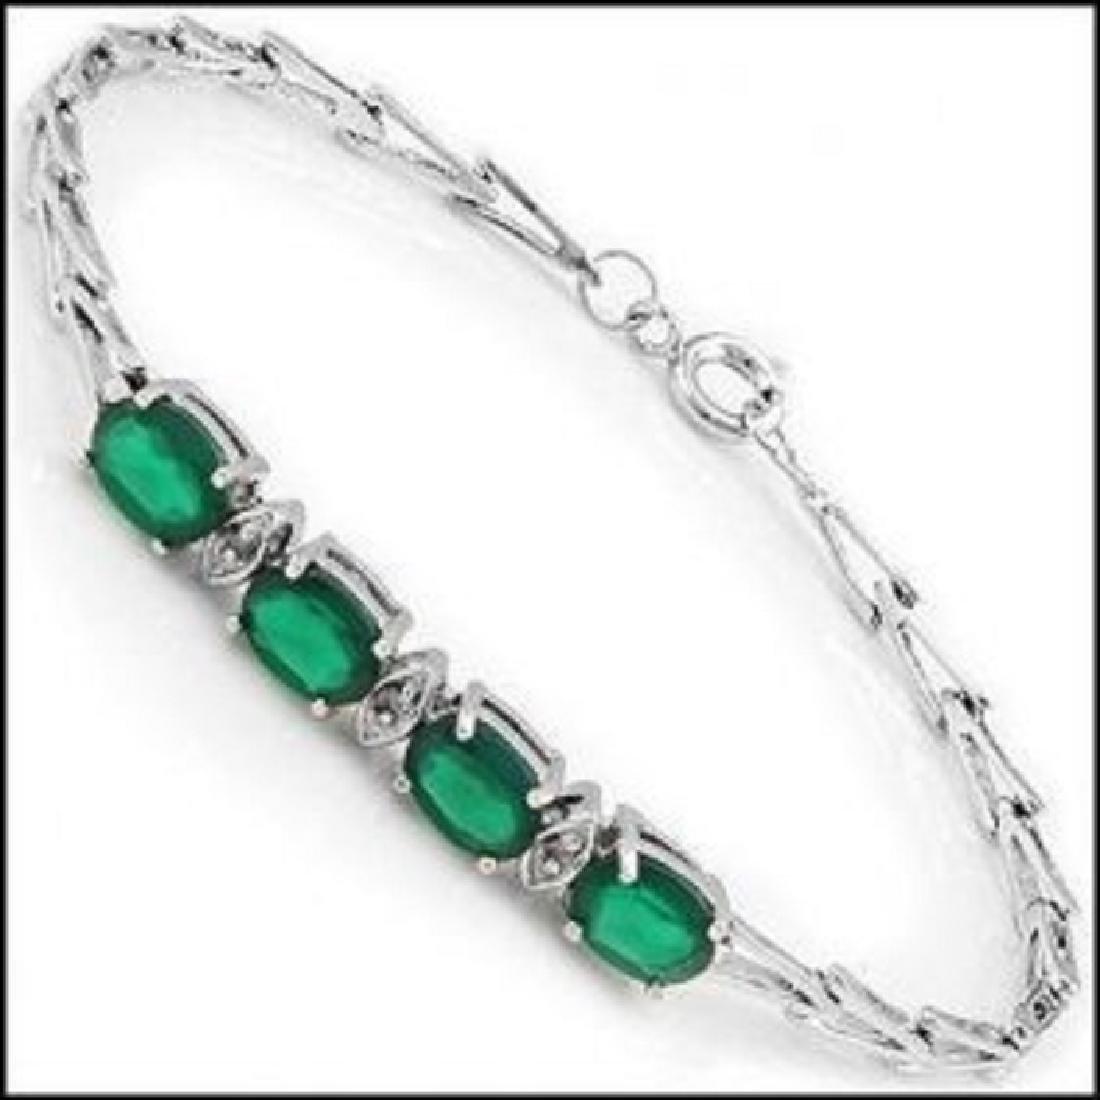 4.39 Ct Green Agate & Diamond Designer Bracelet